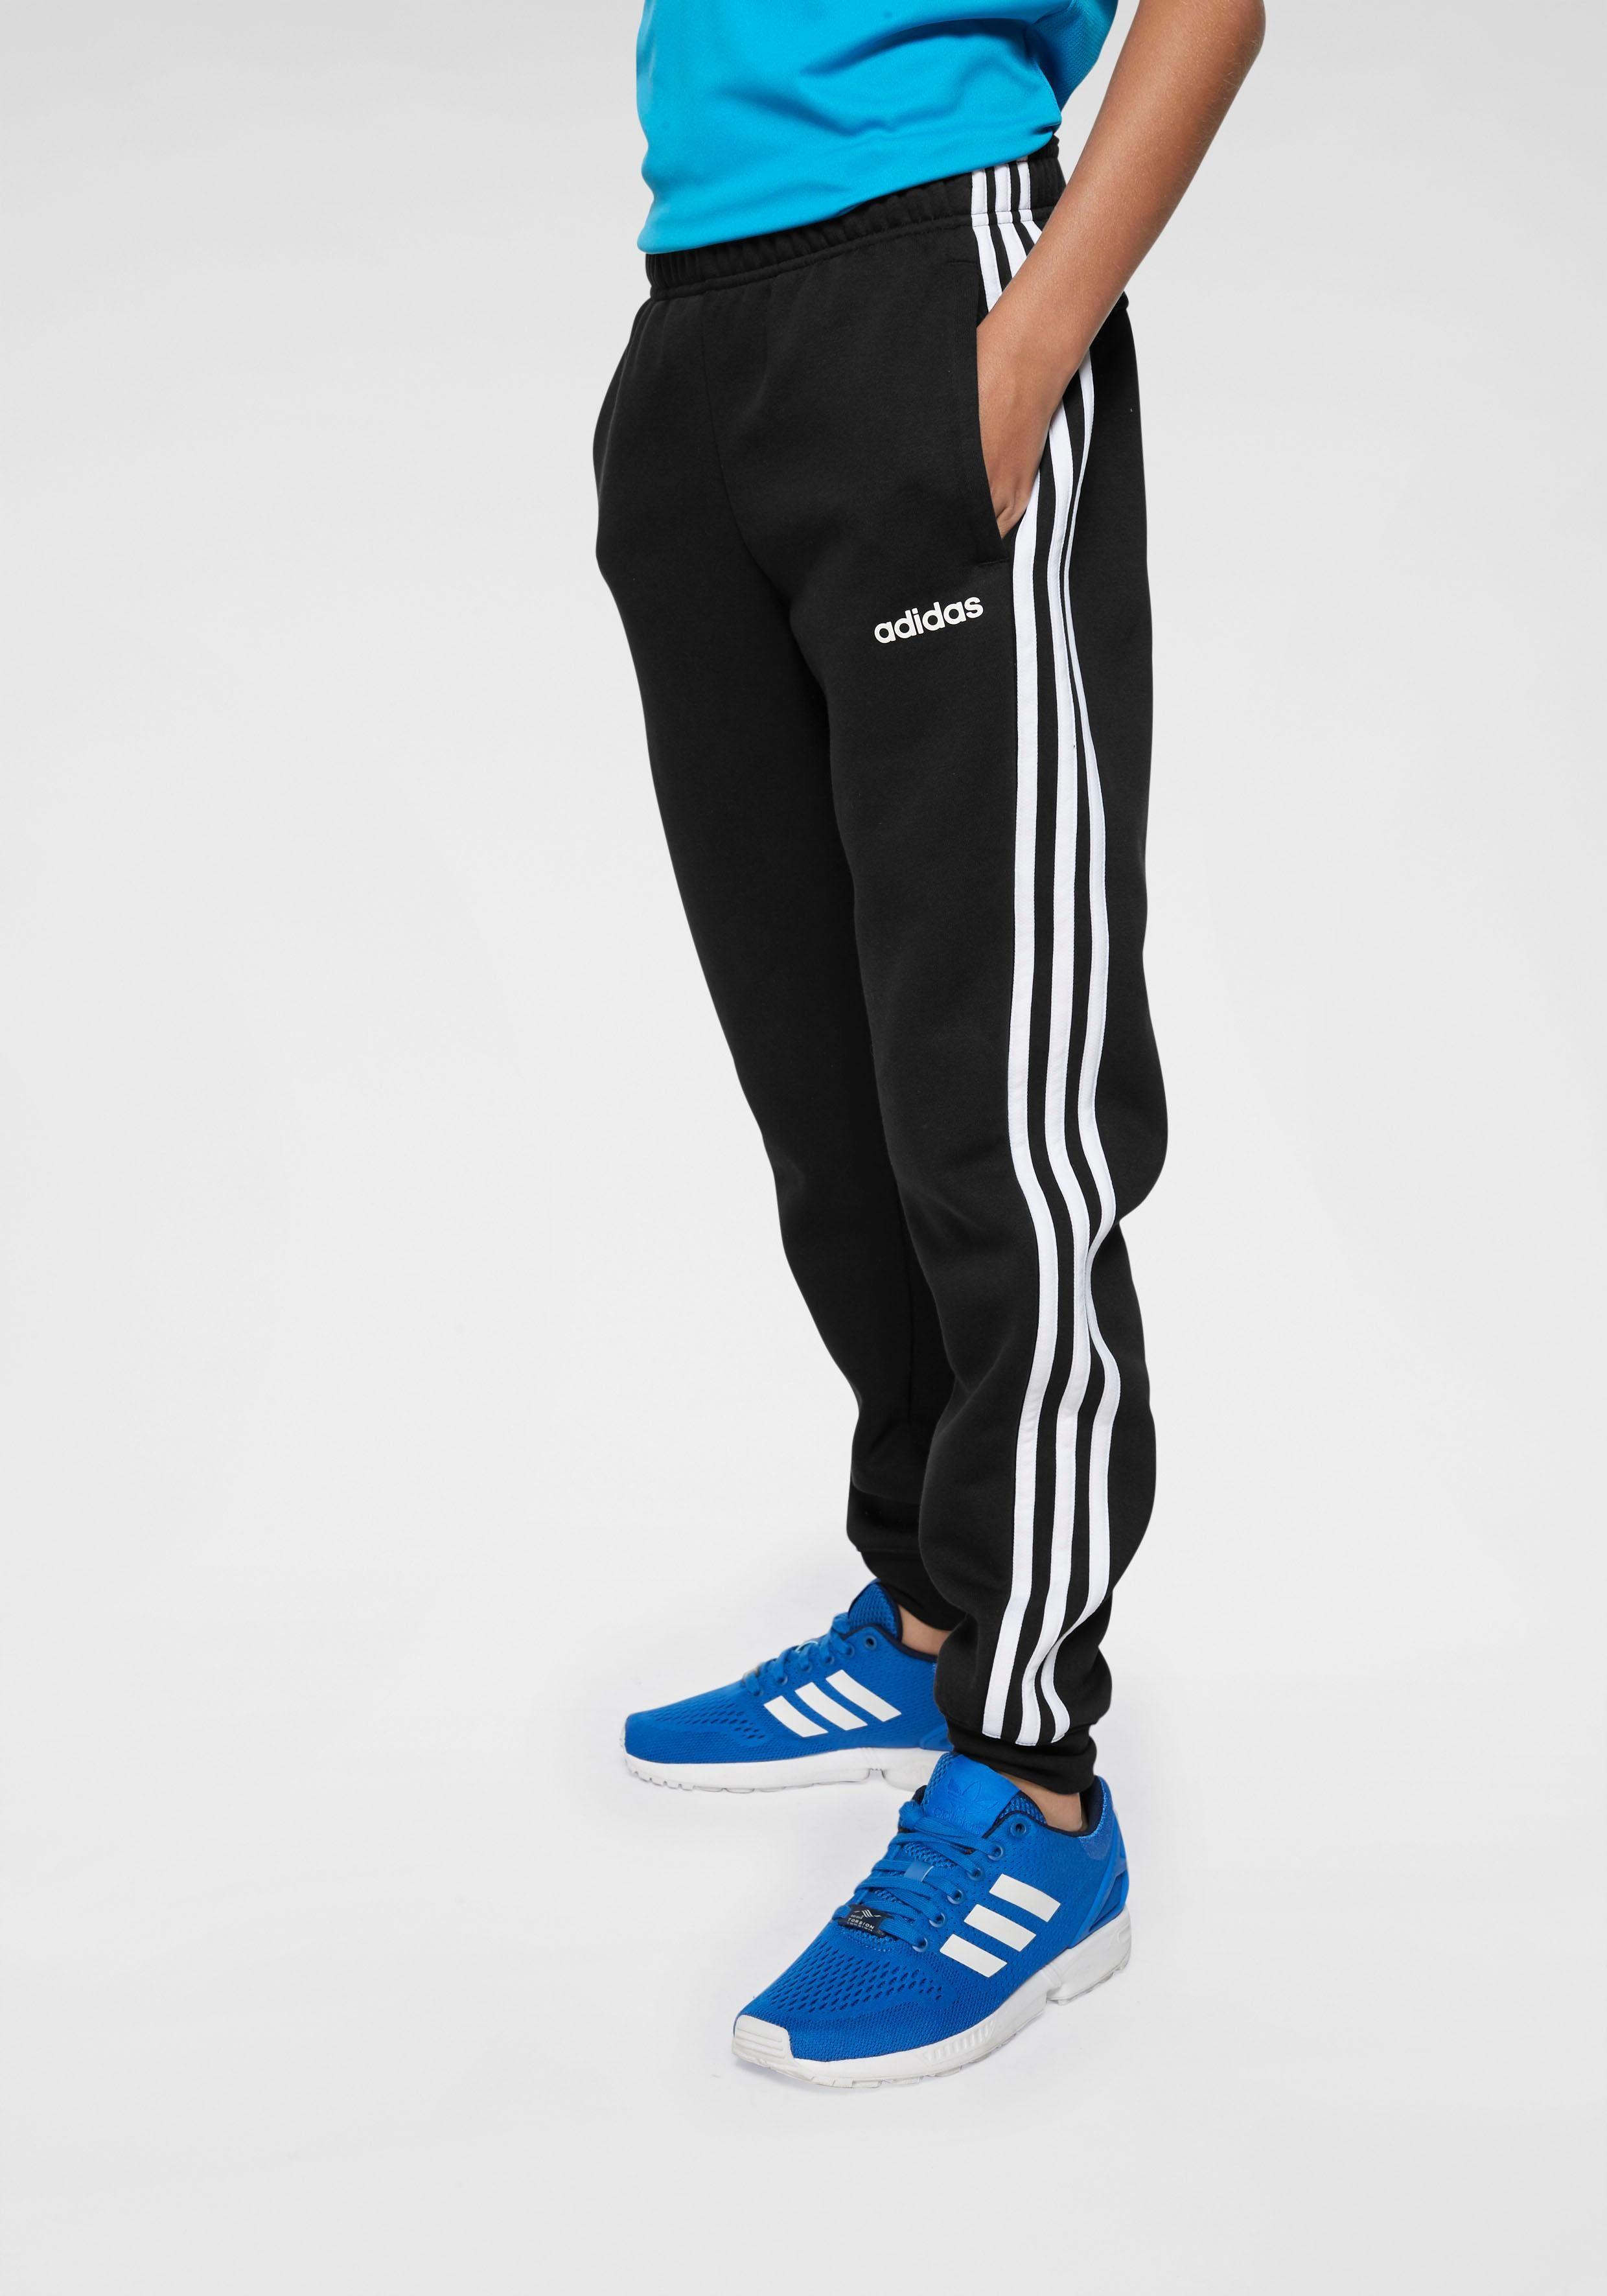 adidas Jogginghose »E 3 STRIPES PANT«, Innen weich angeraut und mit innenliegender Kordel online kaufen | OTTO